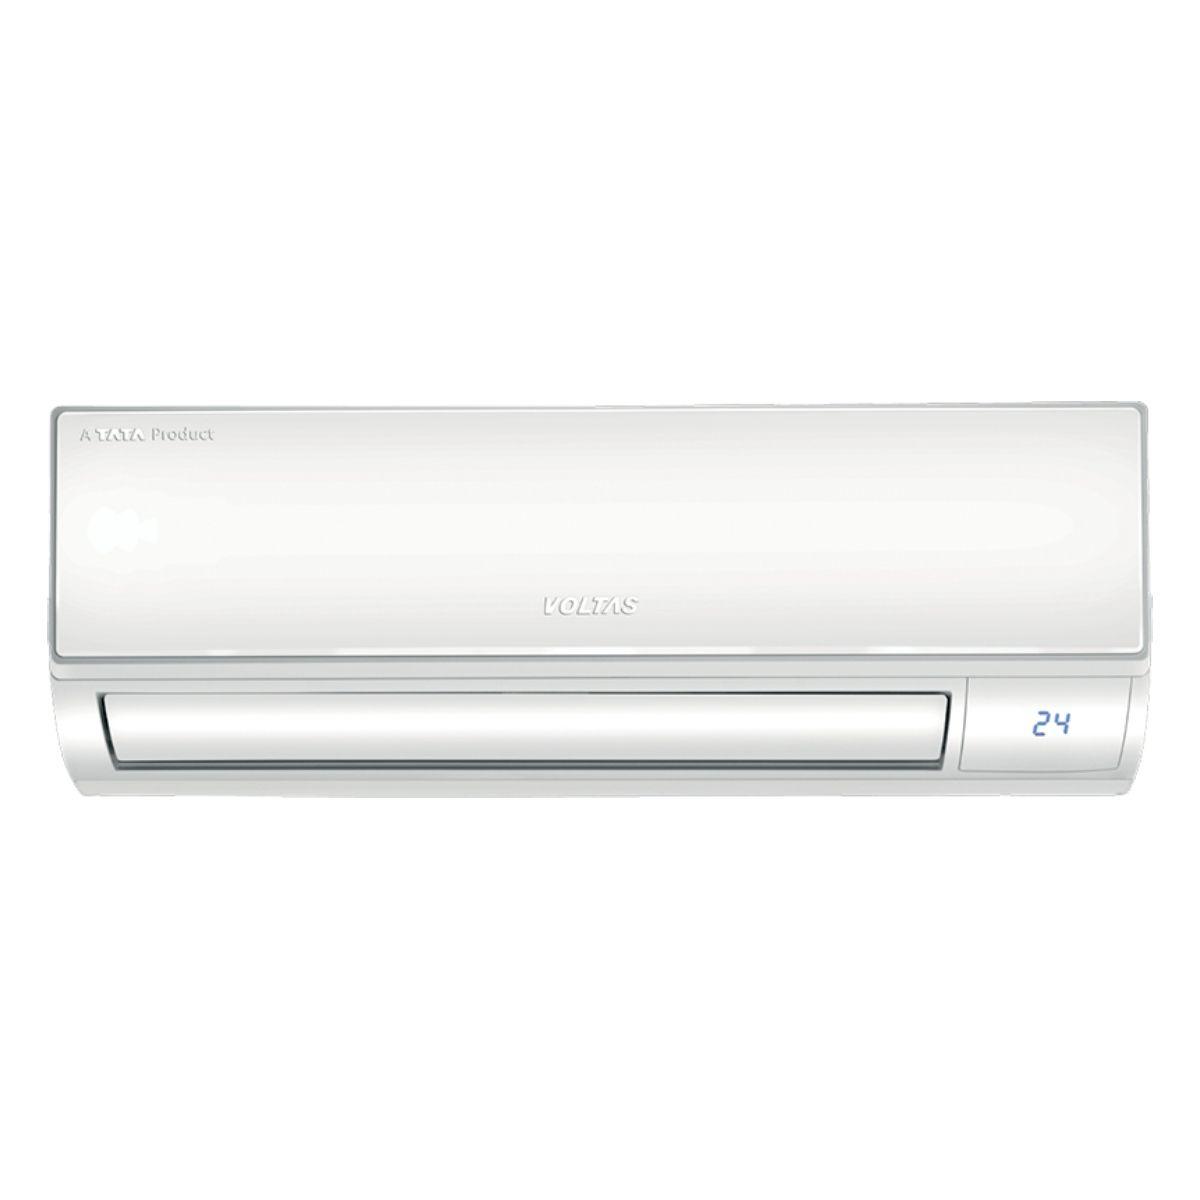 వోల్టాస్ 155V DZW 1.2 Ton 5 Star Inverter Split Air Conditioner